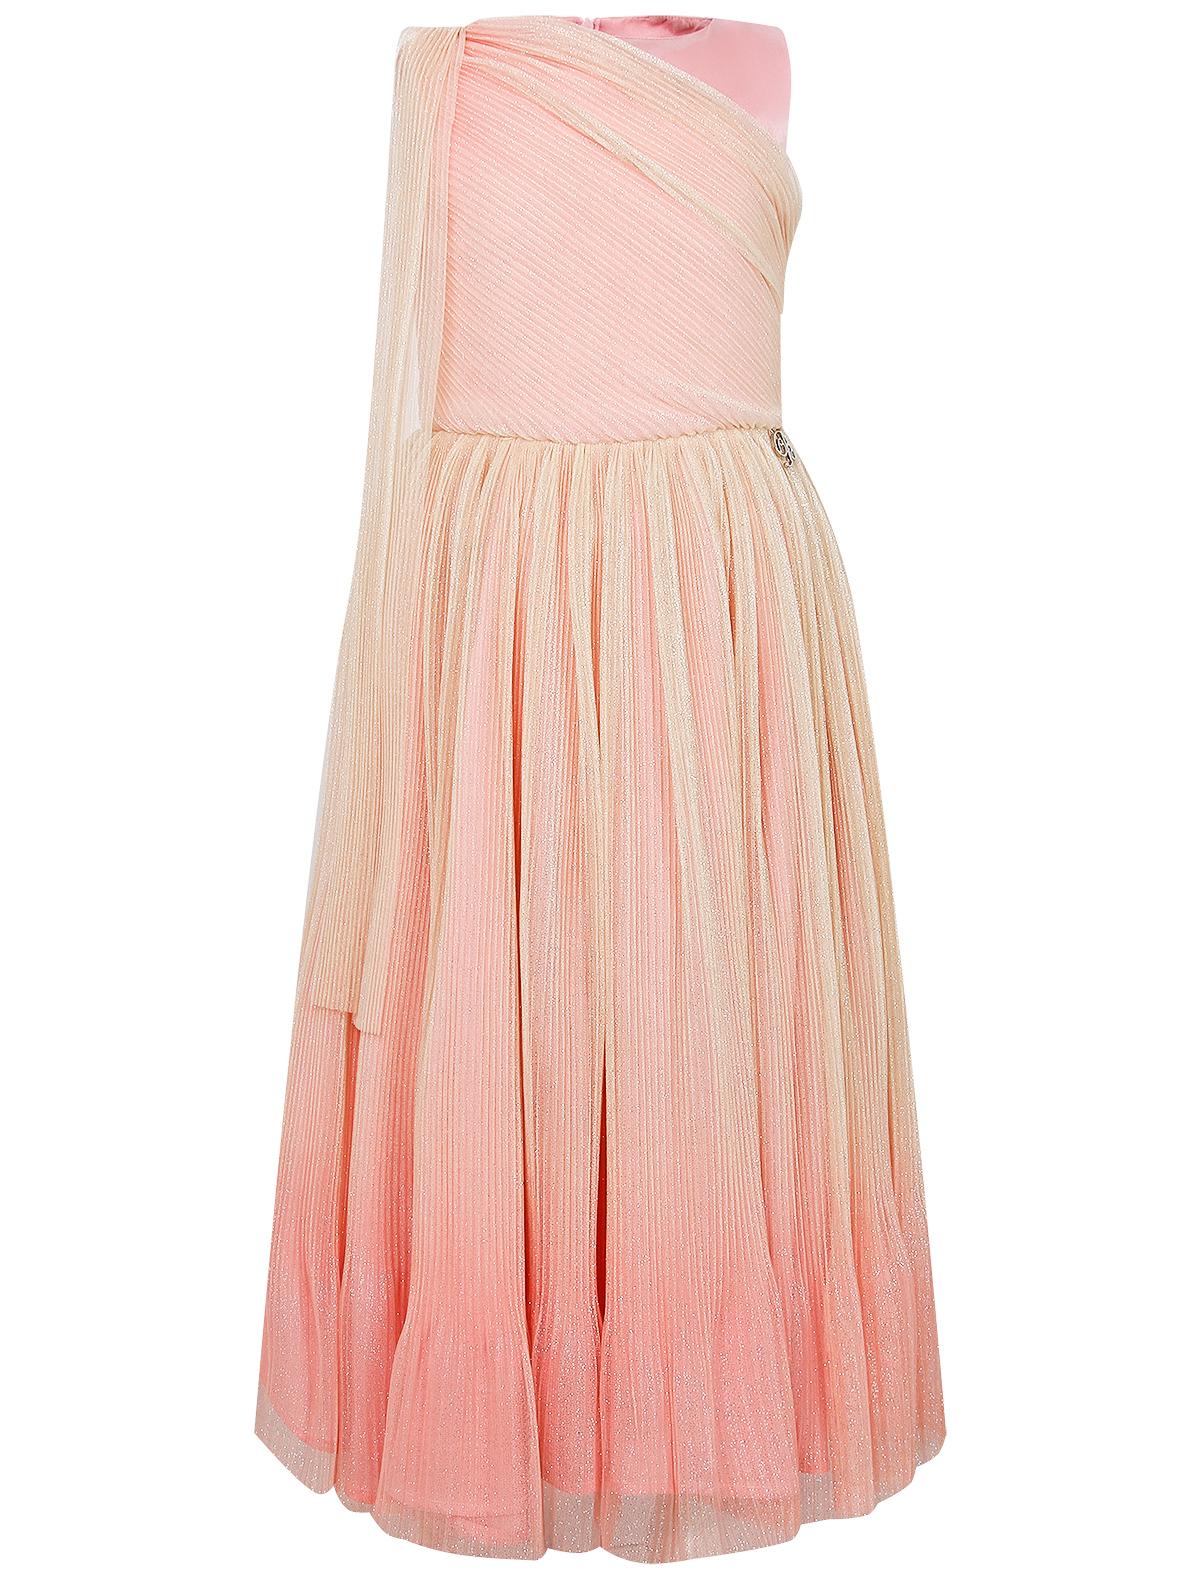 Платье Miss Blumarine цв. розовый, р. 140